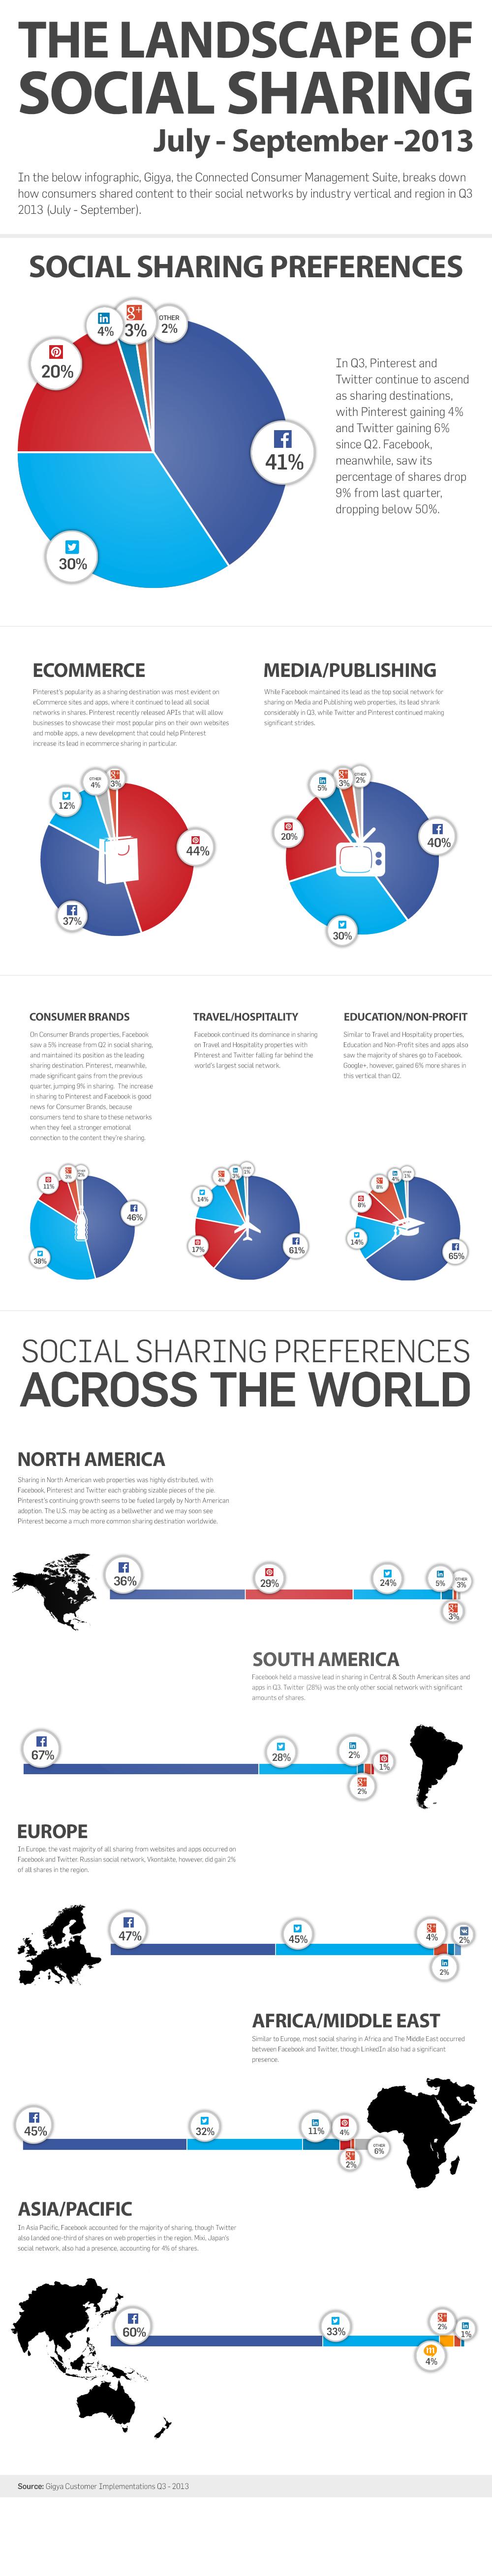 Gigya Sharing Infographic_Q3 2013